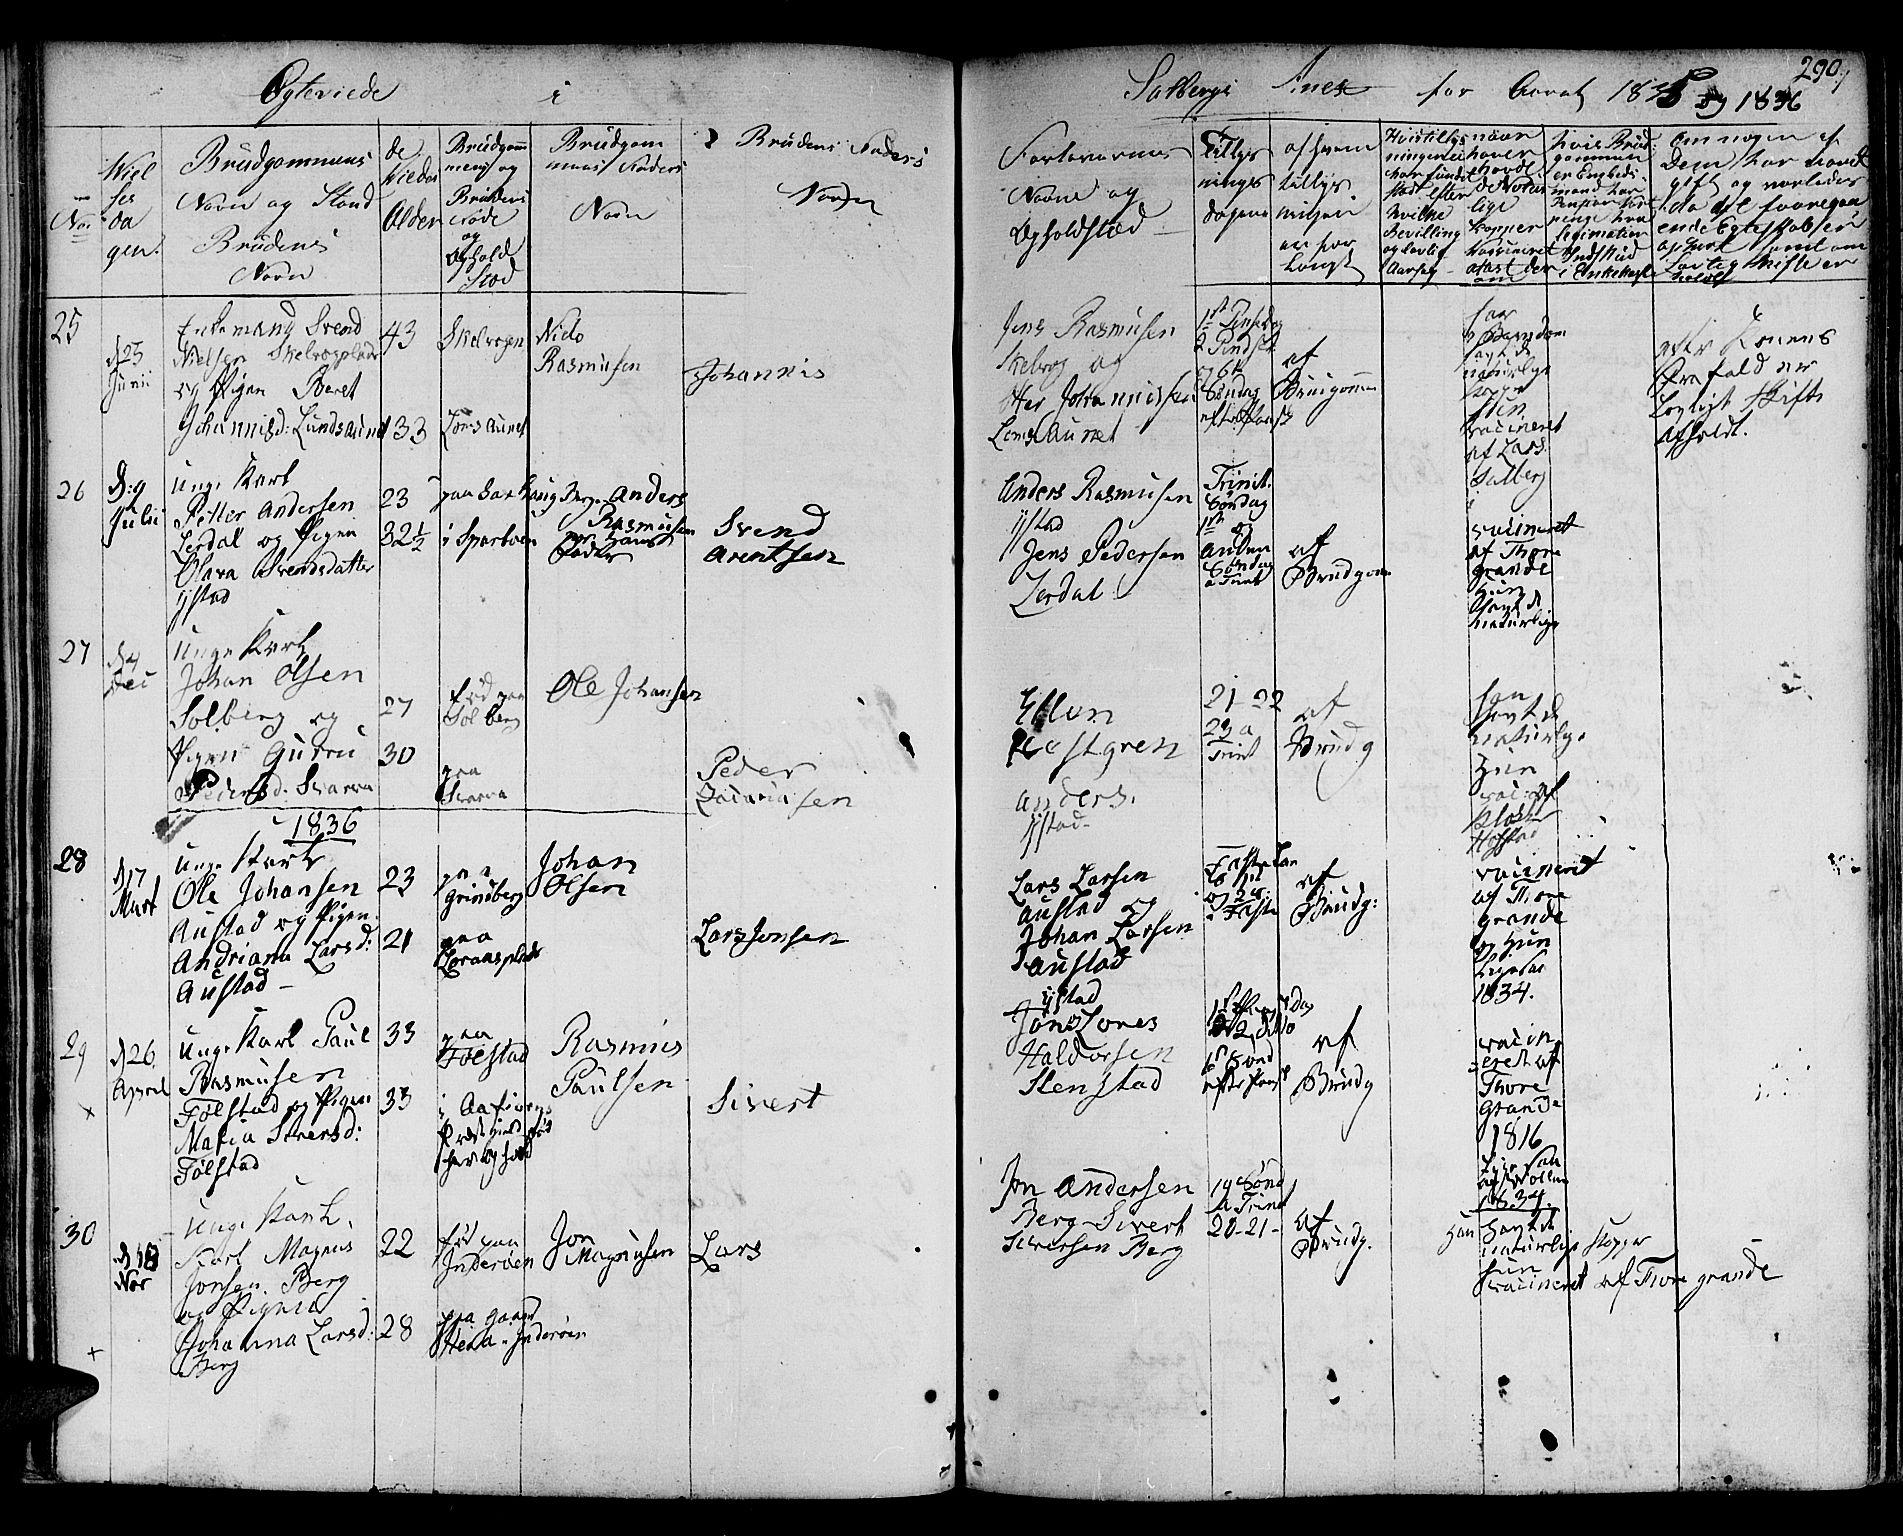 SAT, Ministerialprotokoller, klokkerbøker og fødselsregistre - Nord-Trøndelag, 730/L0277: Ministerialbok nr. 730A06 /2, 1831-1839, s. 290